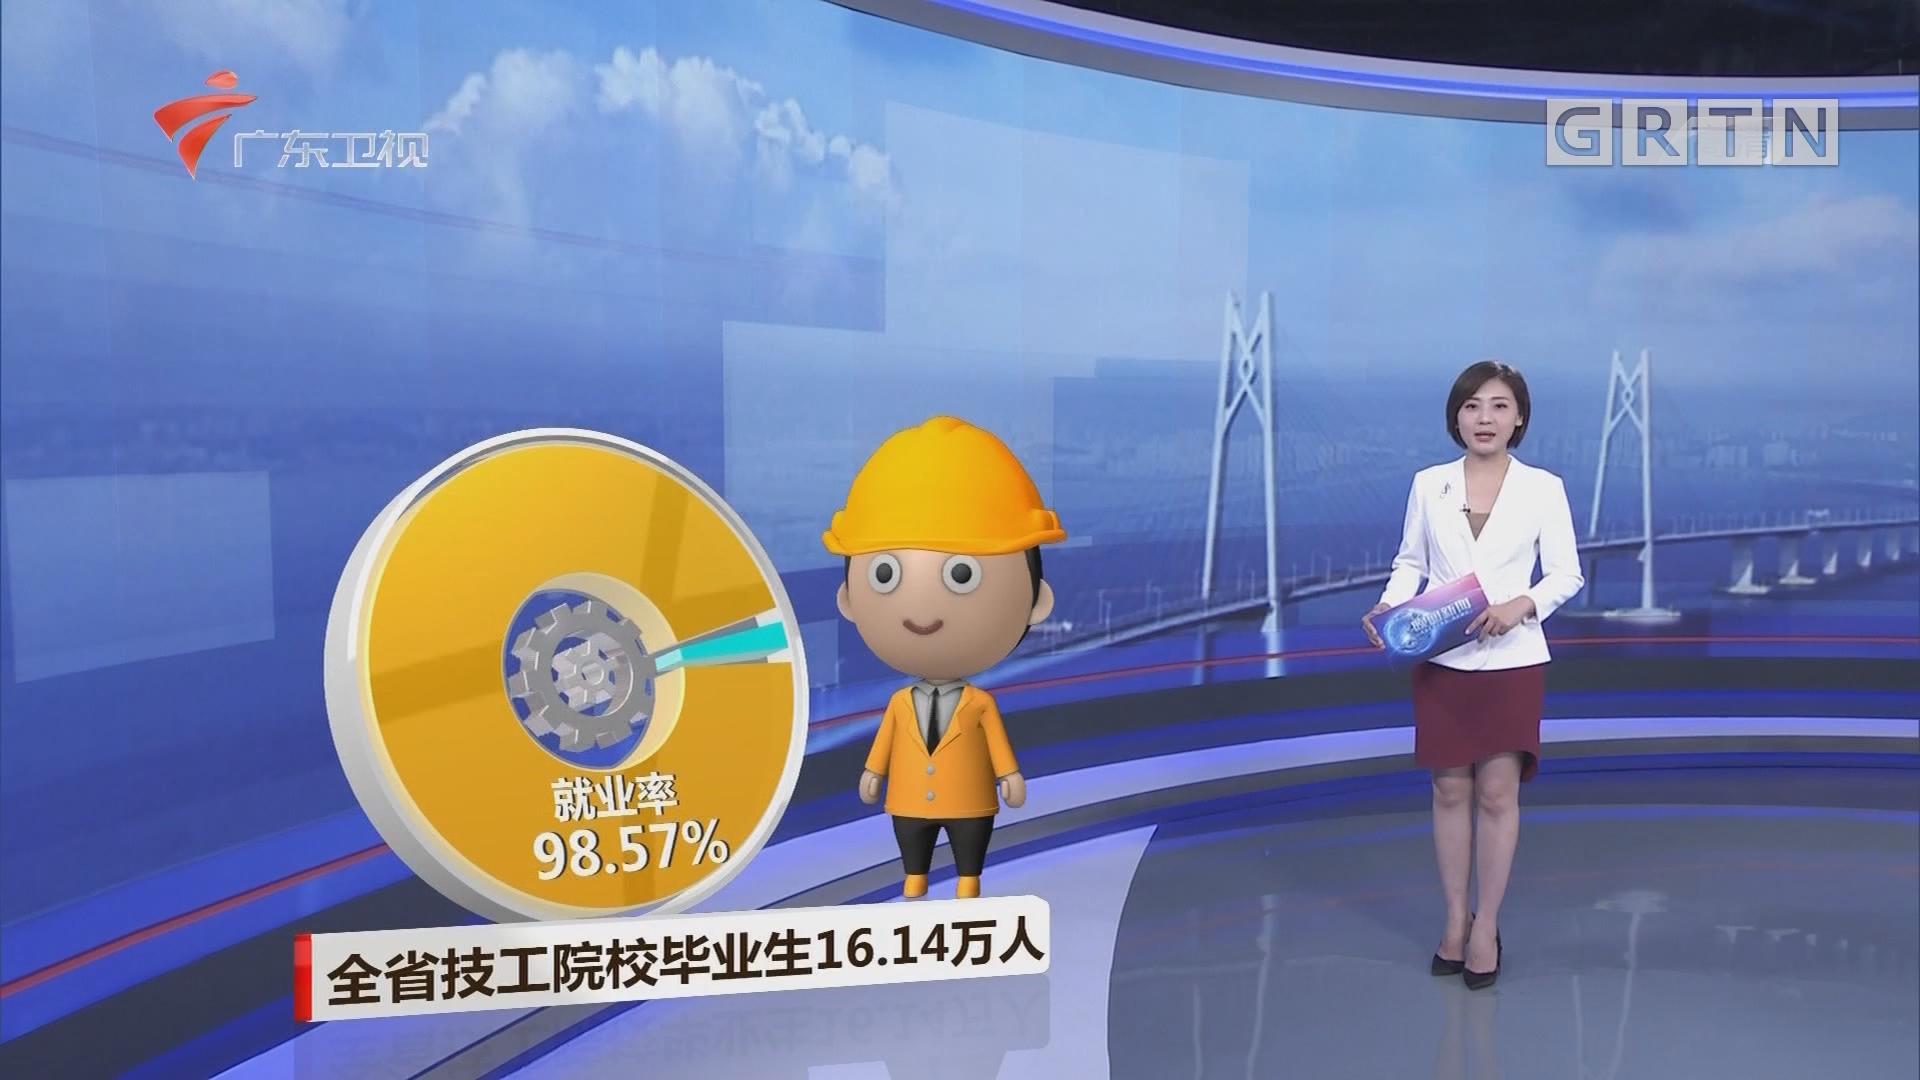 全省技工院校毕业生16.14万人 就业率98.57%